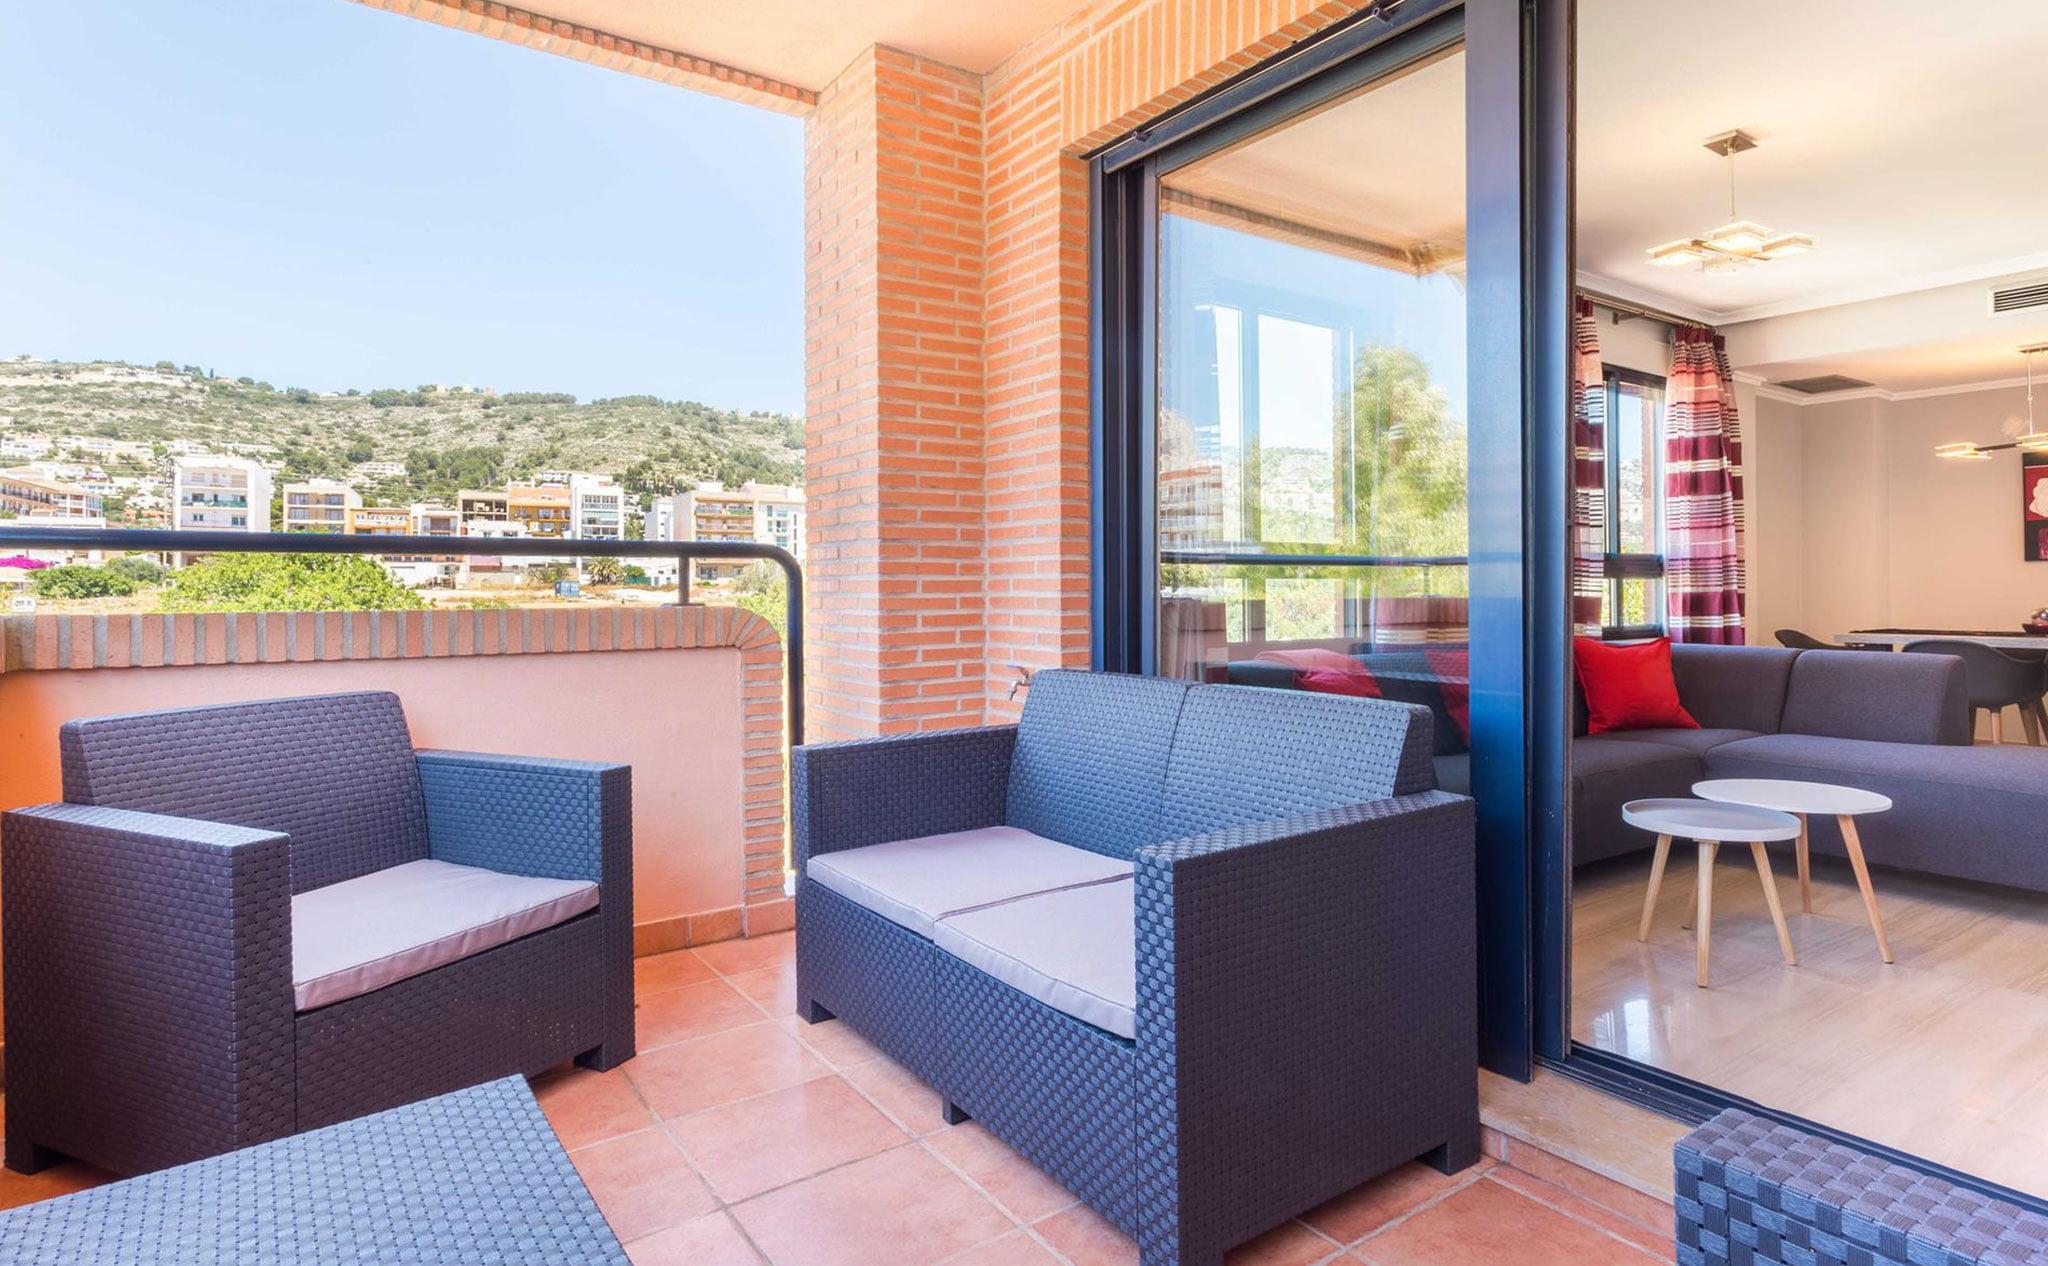 Apartamentos y casas de alquiler para el invierno – MMC Property Services